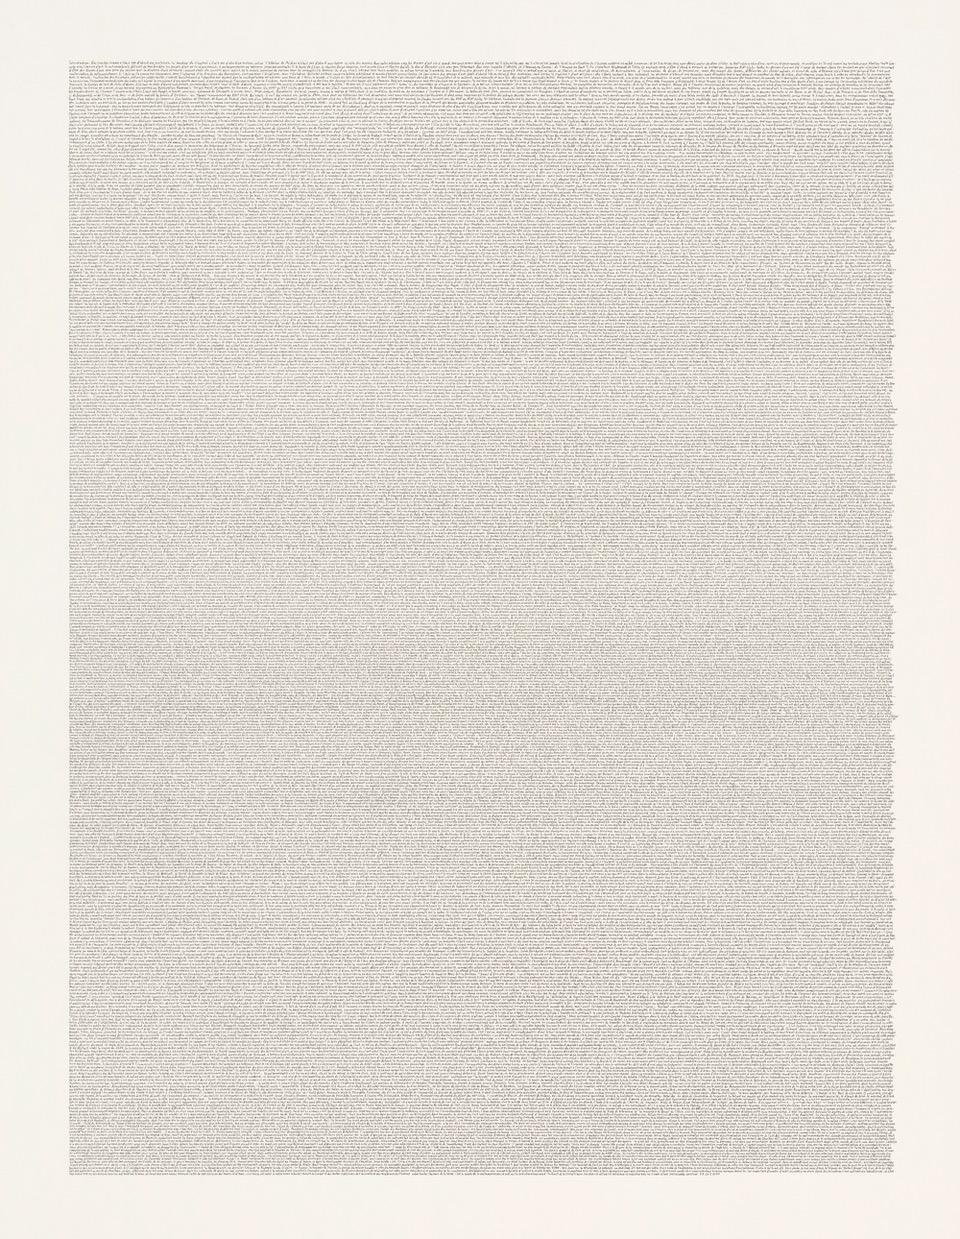 Philipp-Goldbach,-Le-Musée-Imaginaire-(André-Malraux),-2020,-Micrograms,-pencil-on-paper,-78,2-x-60-cm